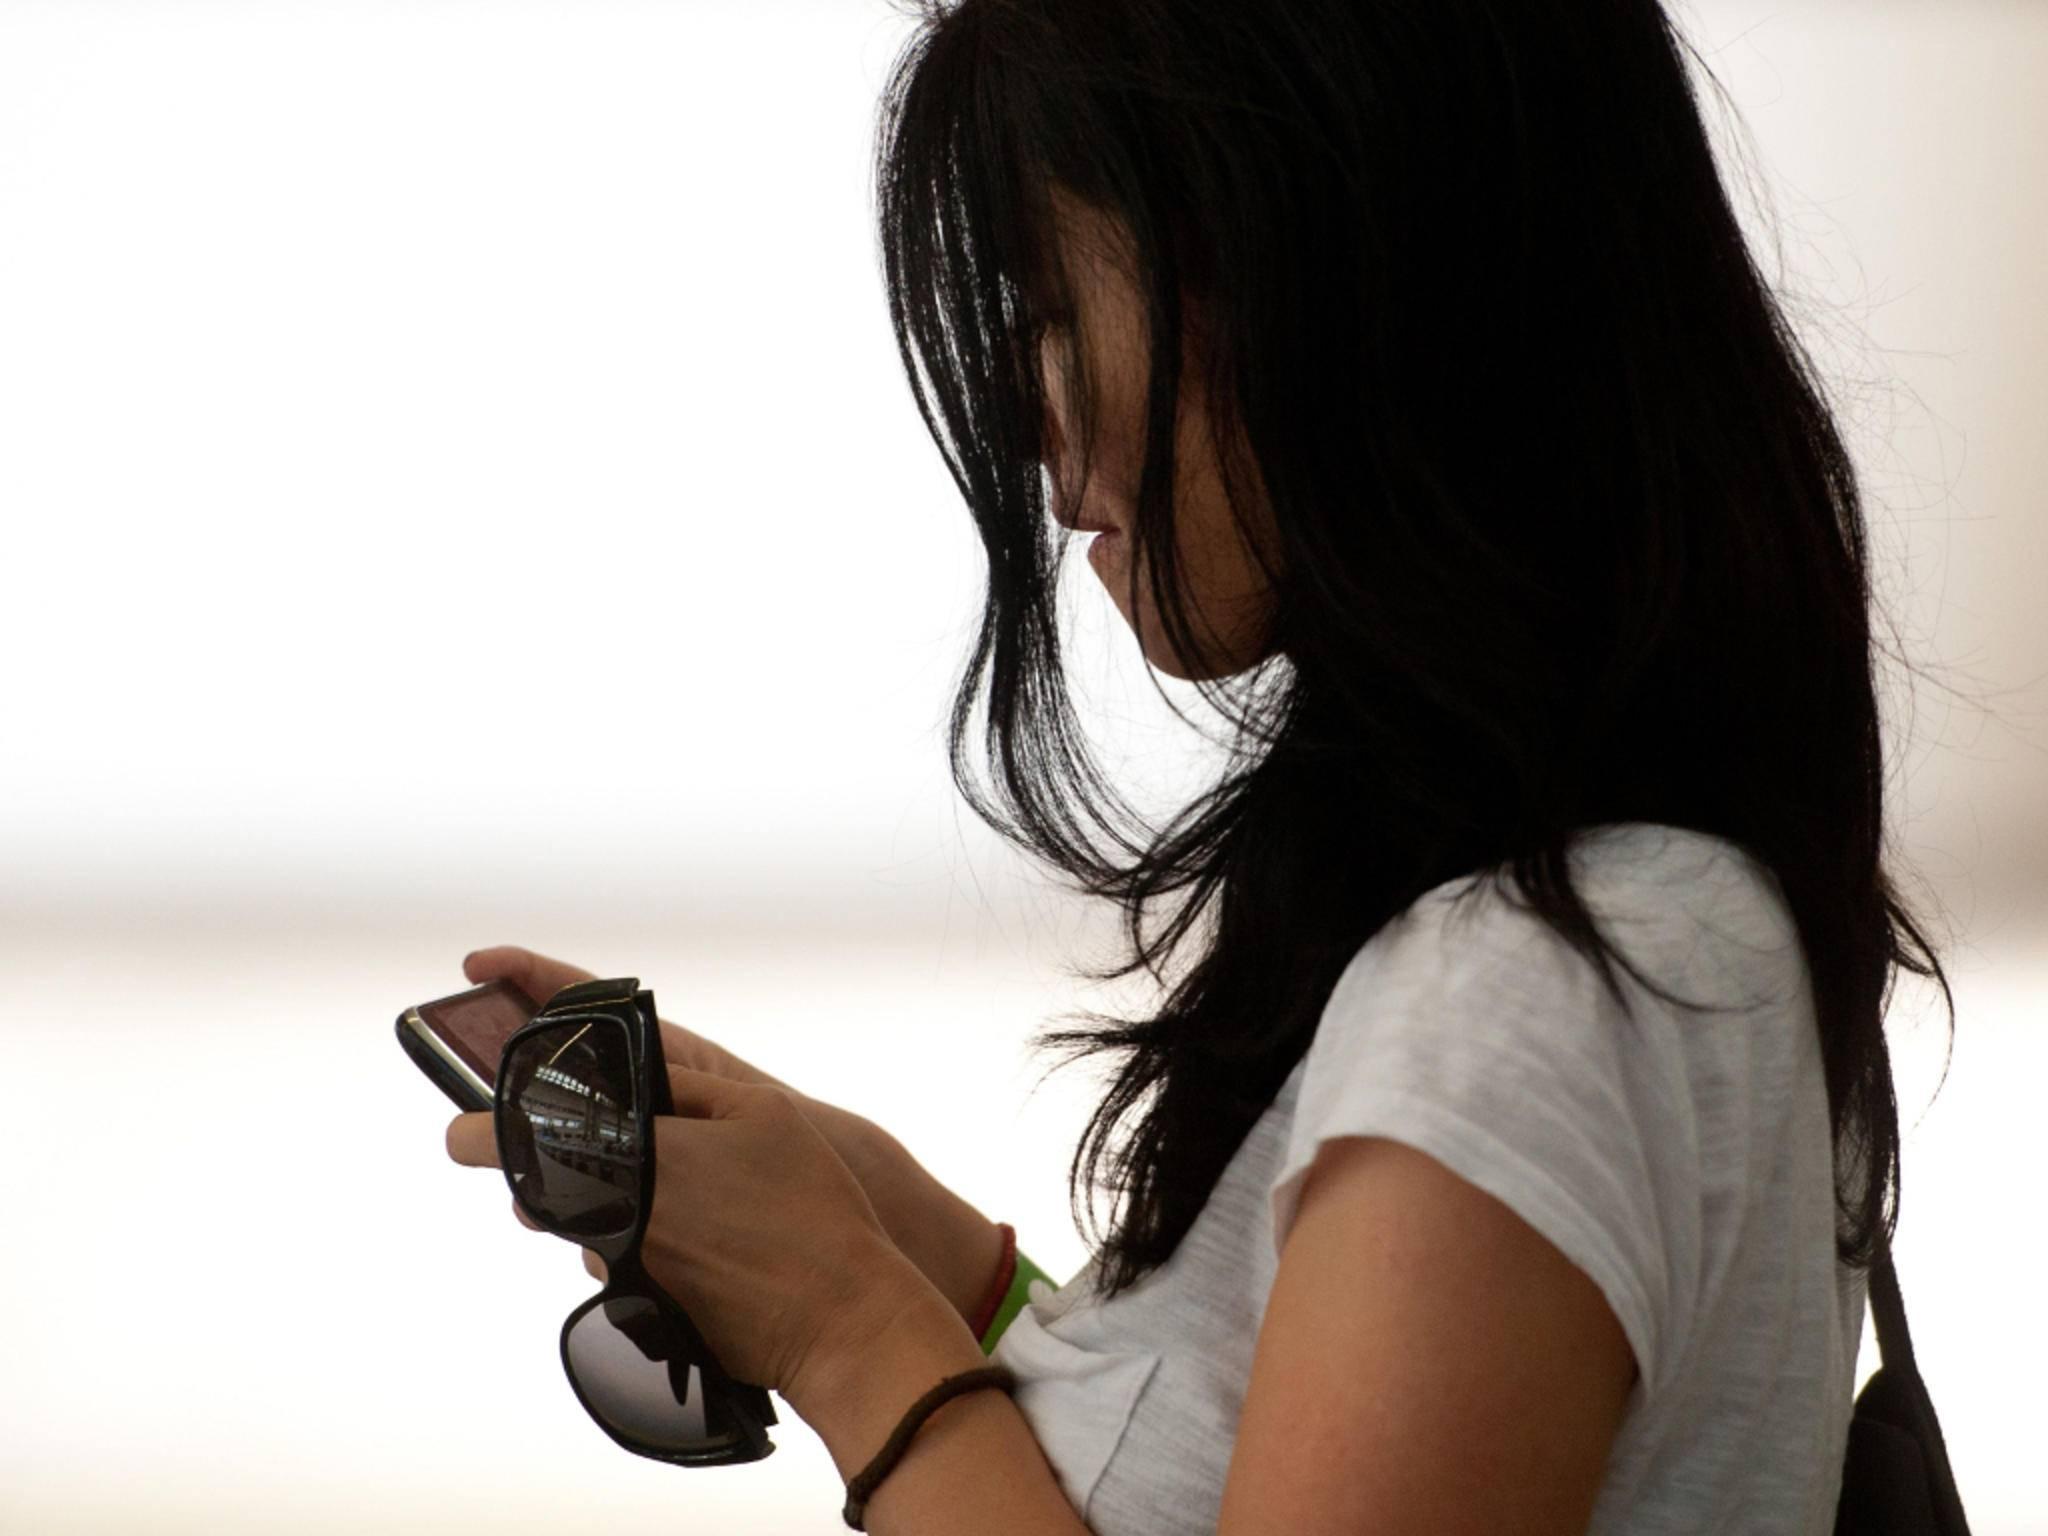 Eine WhatsApp-Lücke erlaubt auch Fremden das Betrachten privater Fotos.